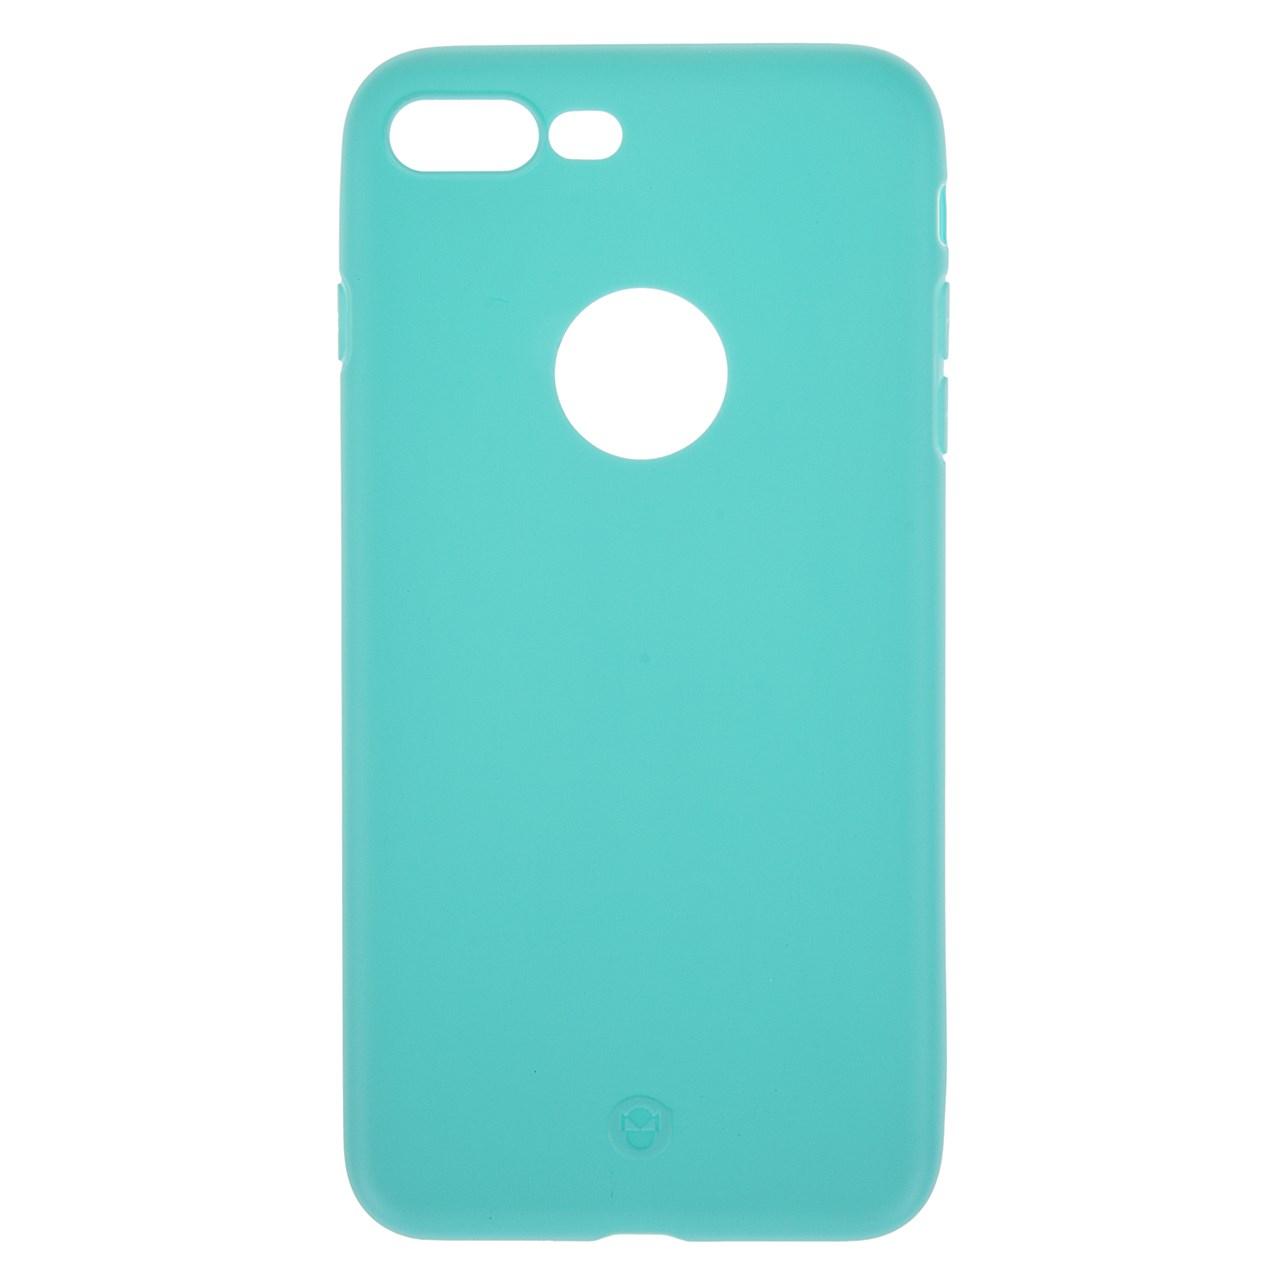 کاور اف شنگ مدل Soft Colour مناسب برای گوشی موبایل آیفون 7 پلاس